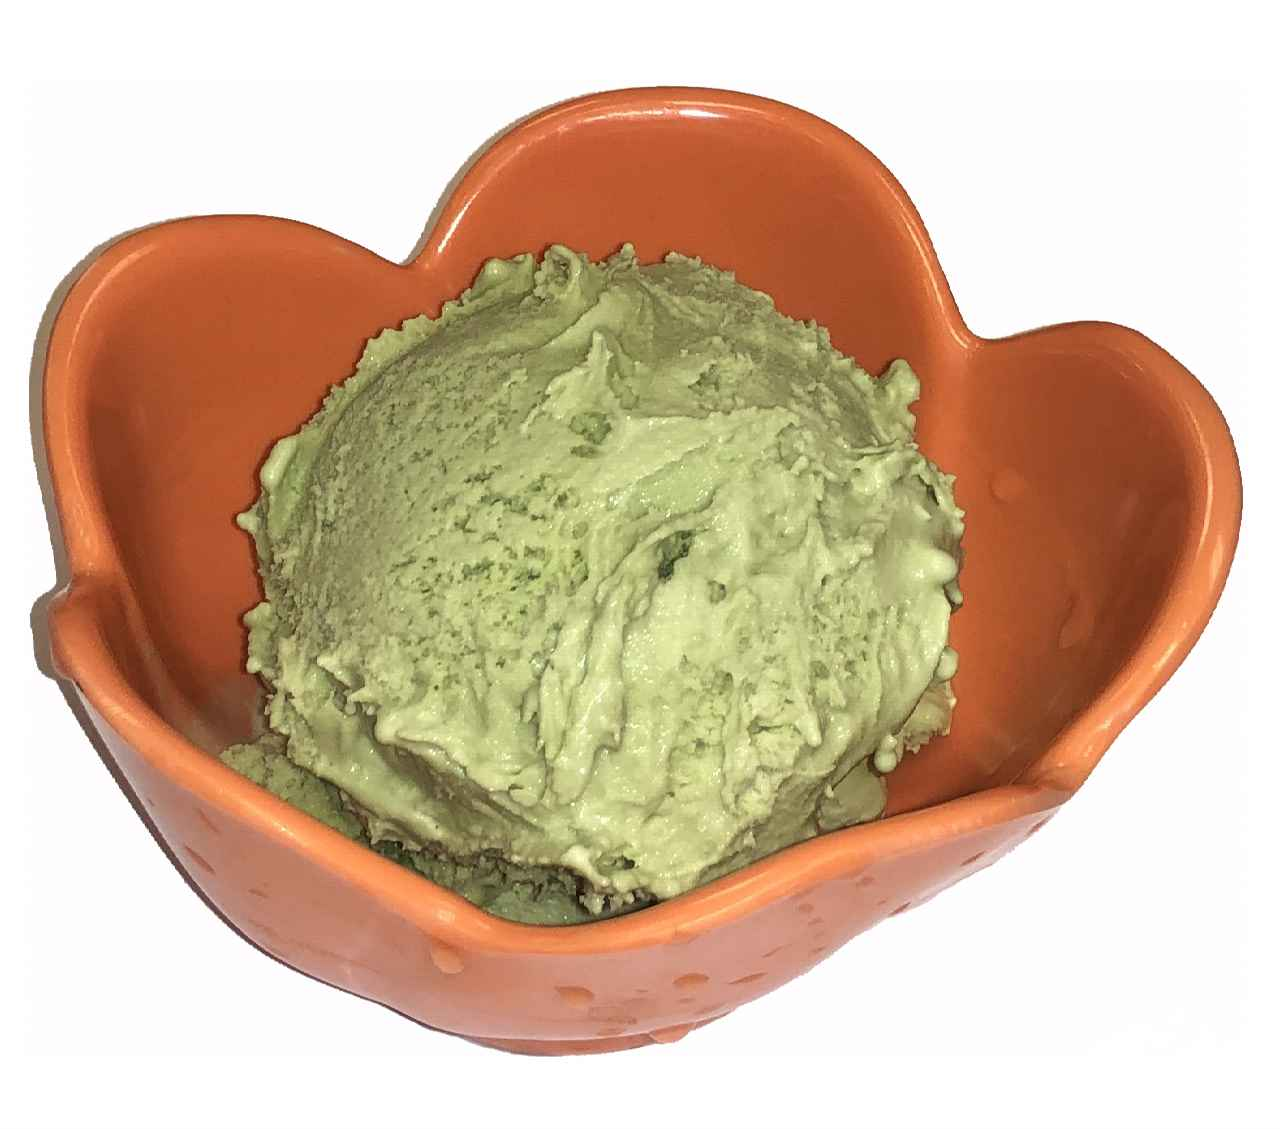 21-Green-Tea-Ice-Cream-3